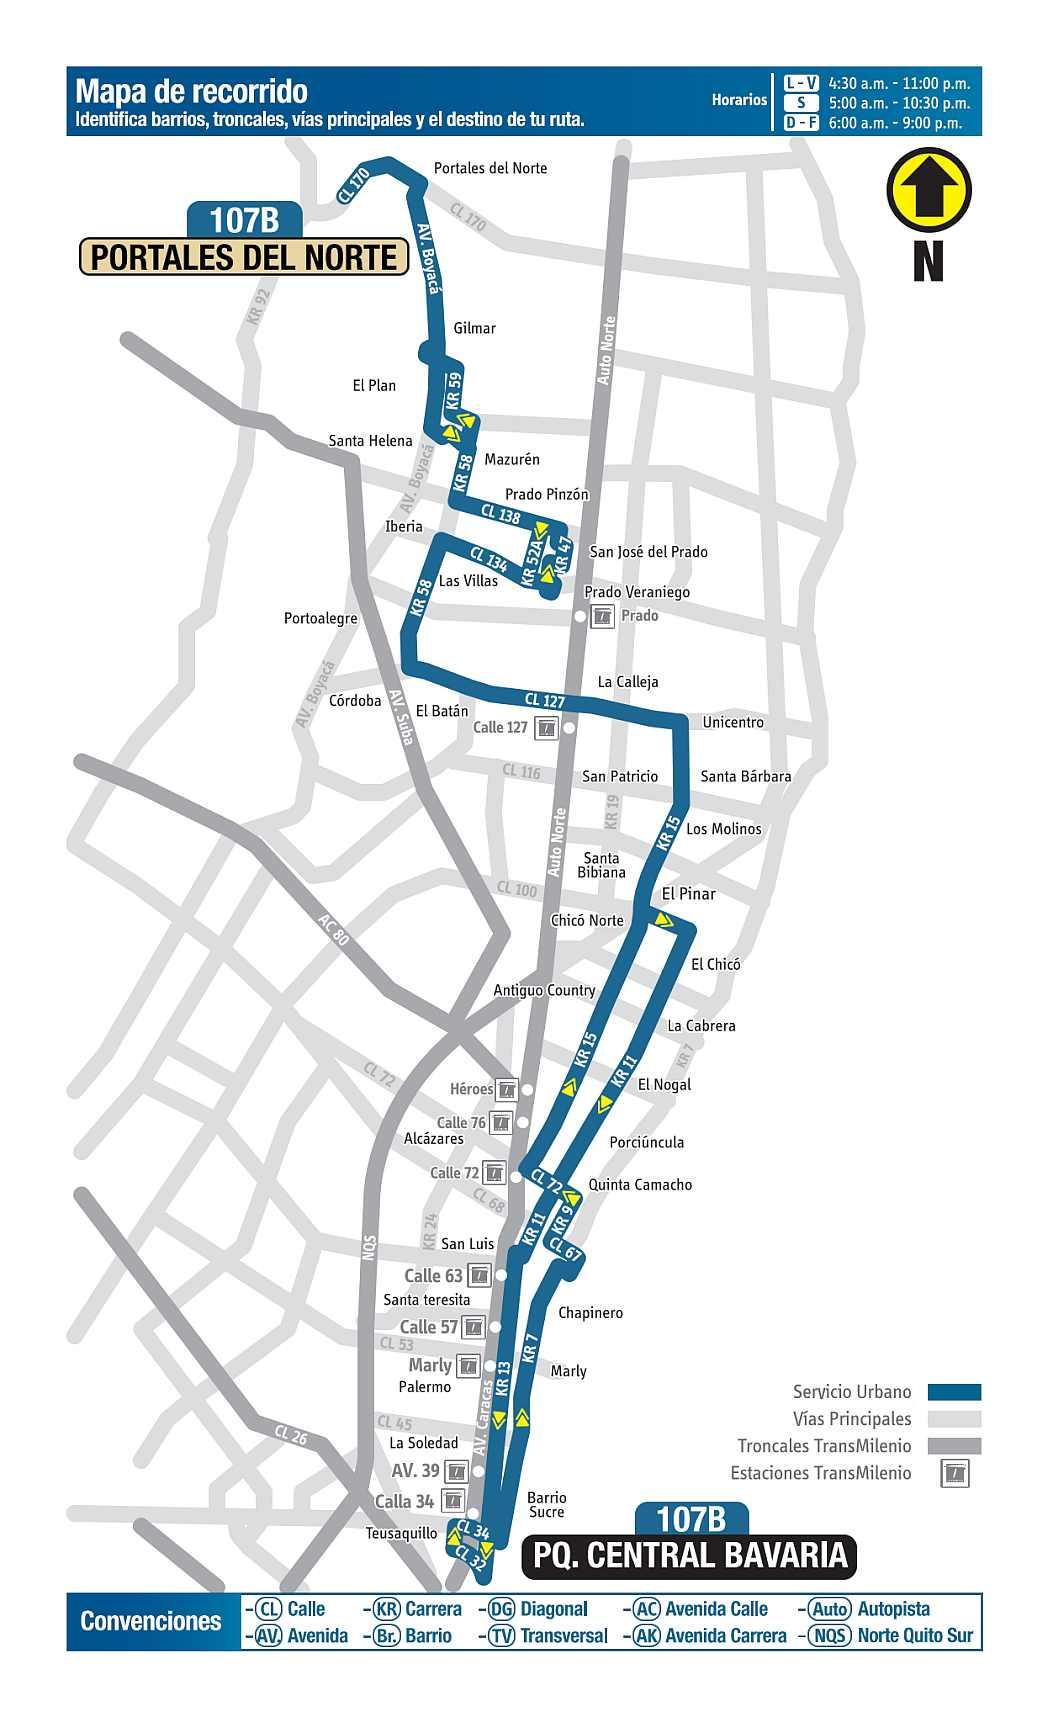 107B Portales del Norte - Parque Central Bavaria, ruta bus urbano Bogotá